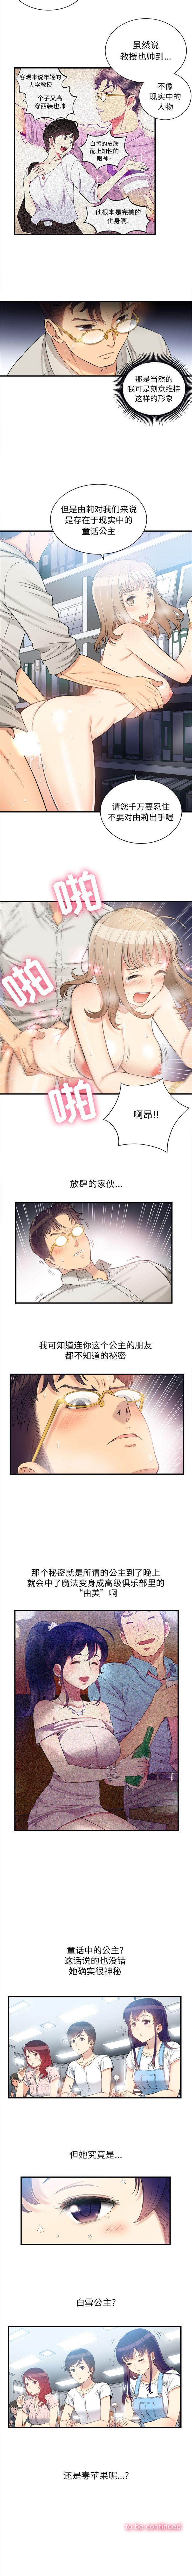 由莉的秘密1-60 中文翻译 (更新中) 72